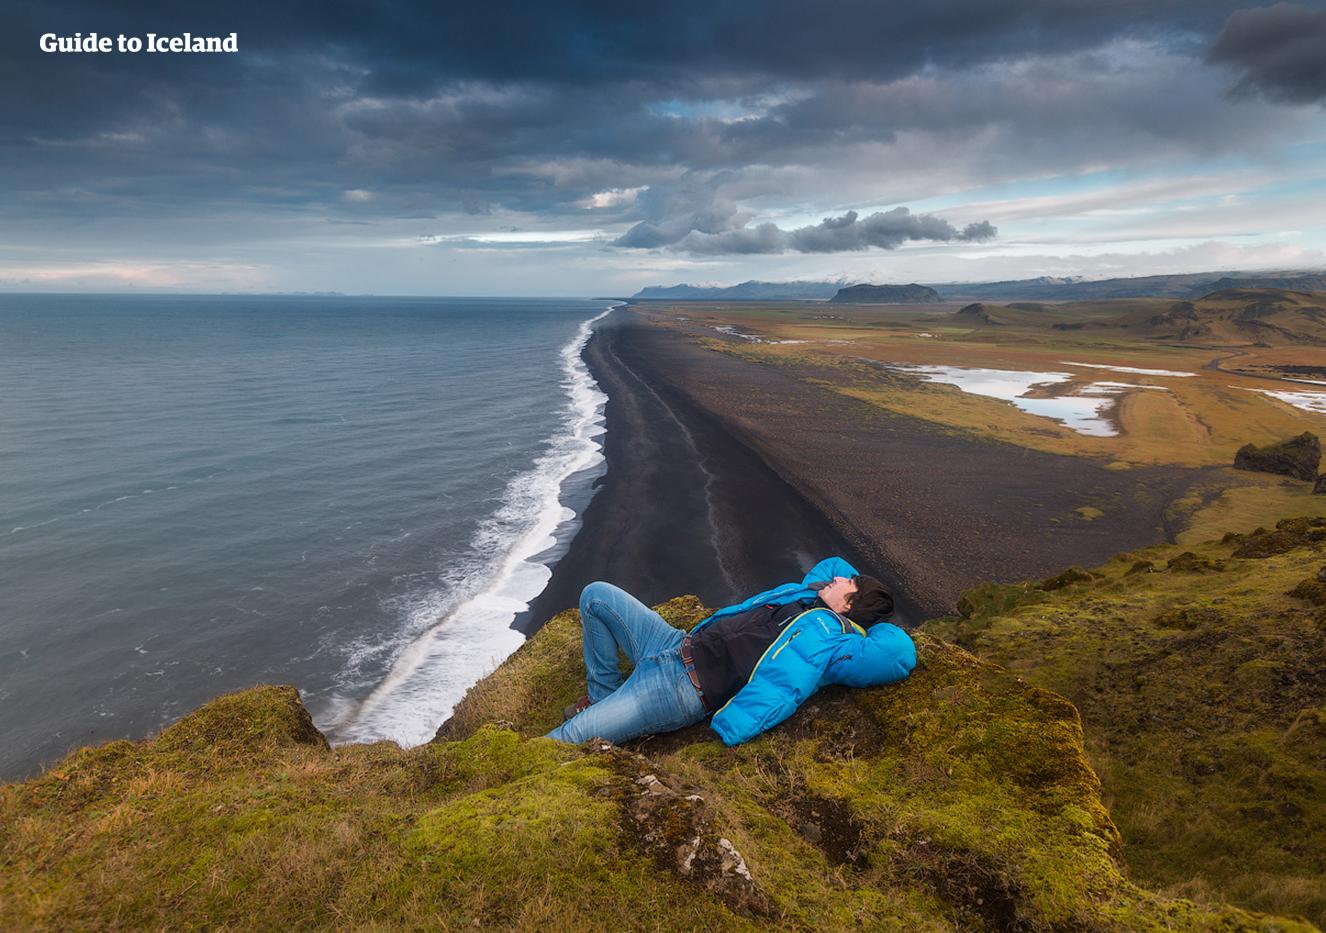 Séjour été de 8 jours | Le meilleur de l'Islande - day 3